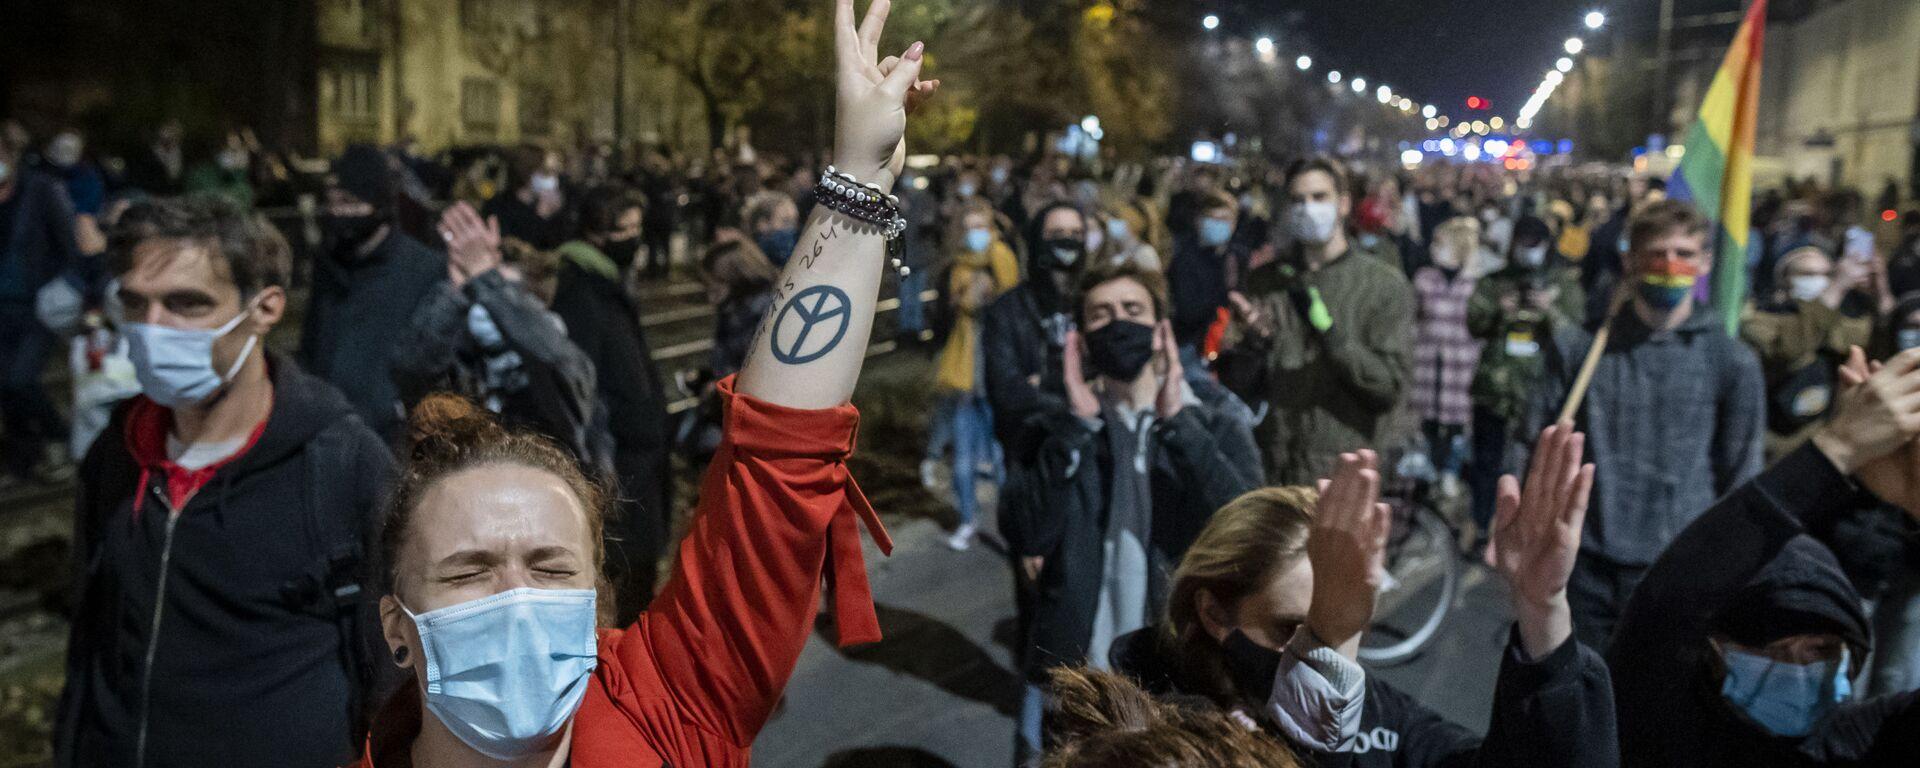 Протестующие на митинге в Варшаве против решения Конституционного суда Польши об ограничении закона об абортах - Sputnik Тоҷикистон, 1920, 03.11.2020